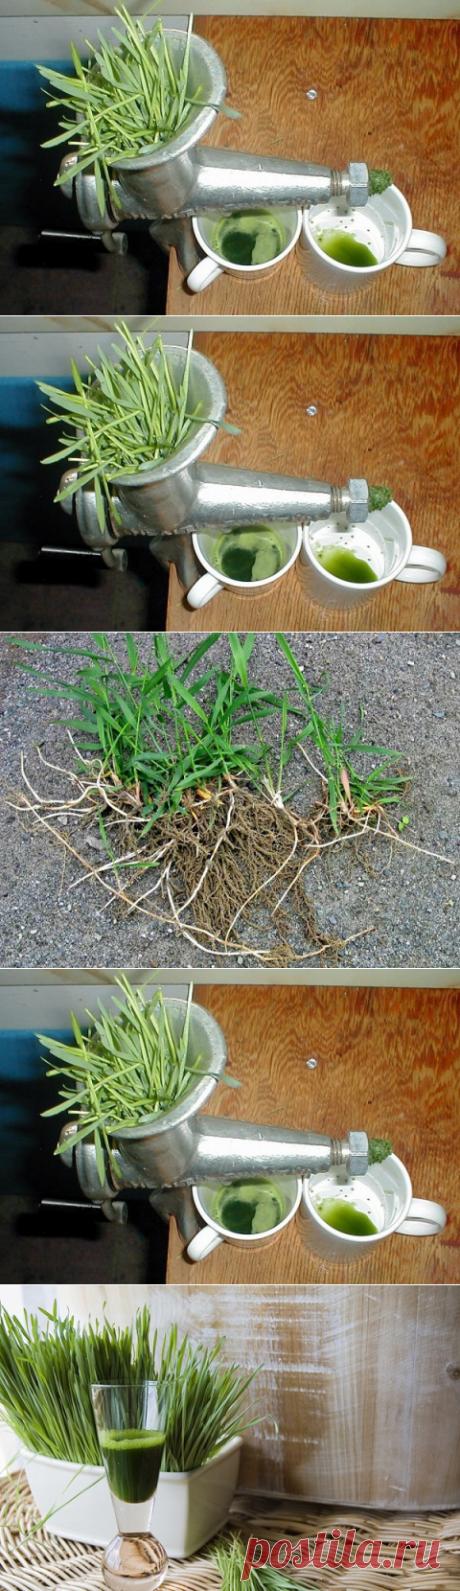 Этот сорняк - находка для тех, кто хочет дожить до глубокой старости, не зная недугов